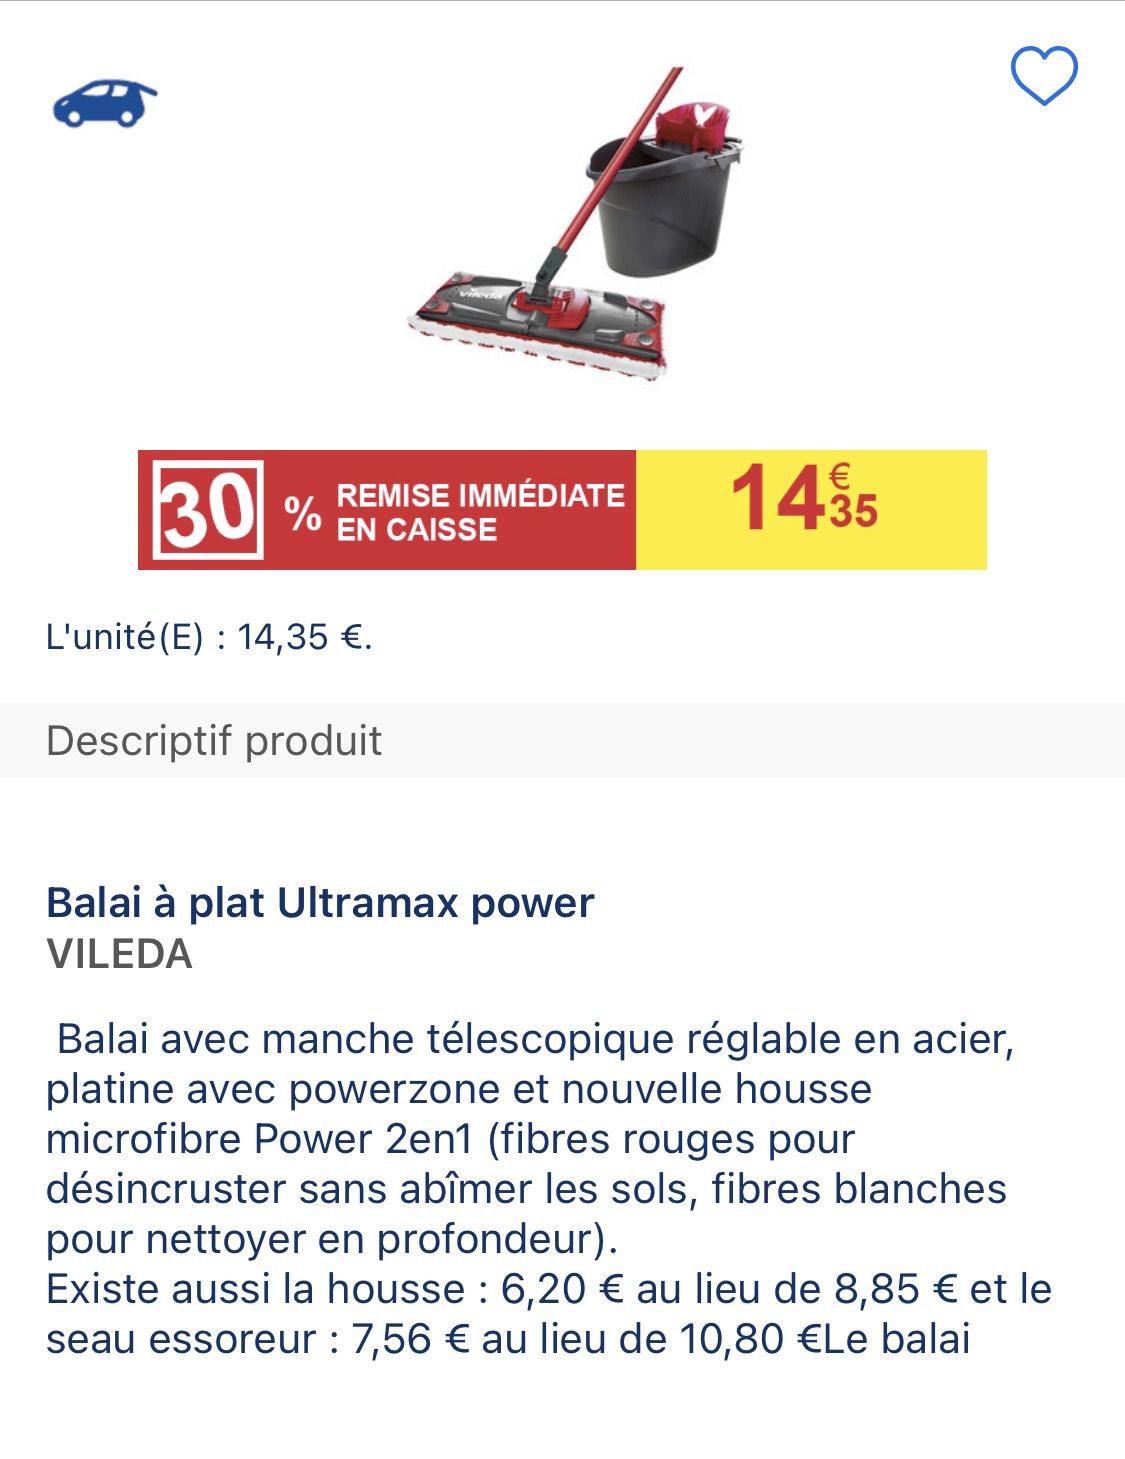 Balai Vileda Ultramax Power